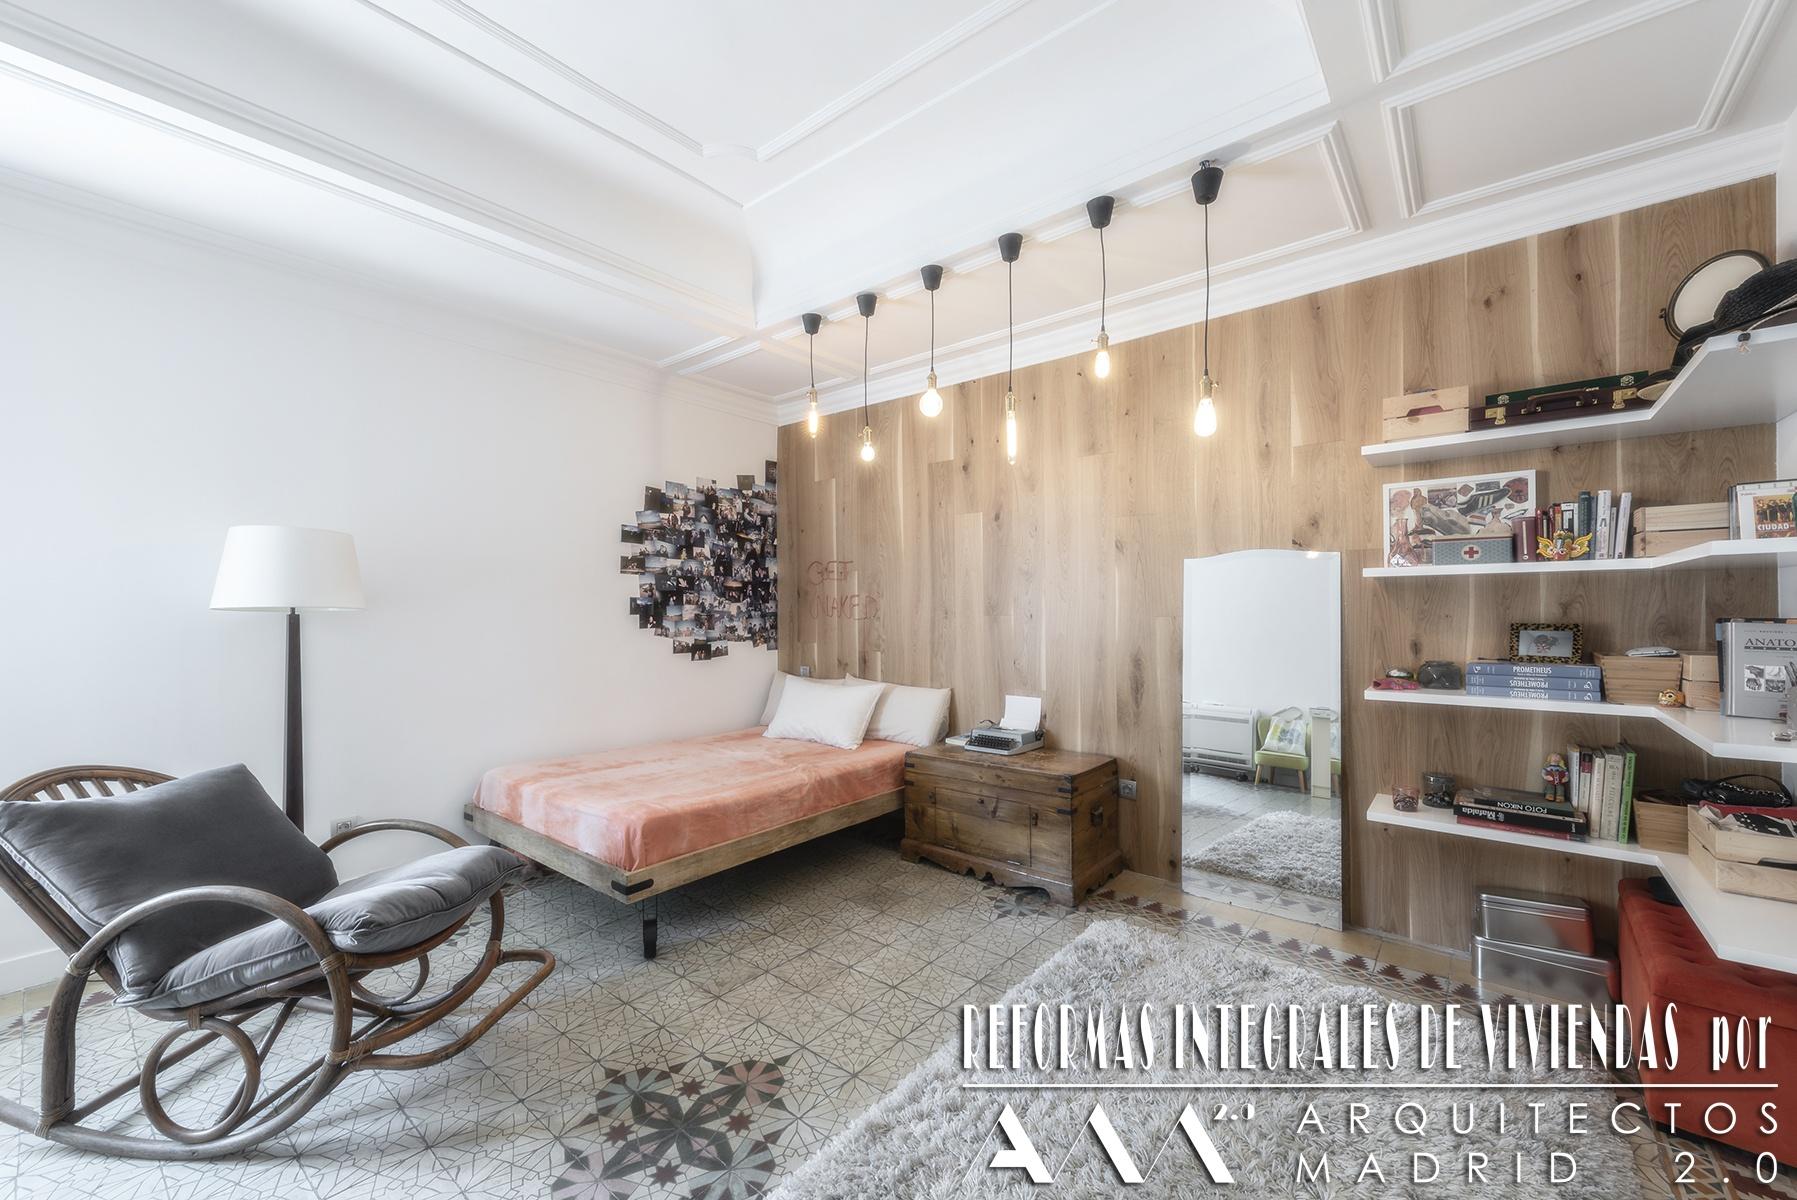 decoracion-interiores-reforma-estilo-vintage-arquitectos